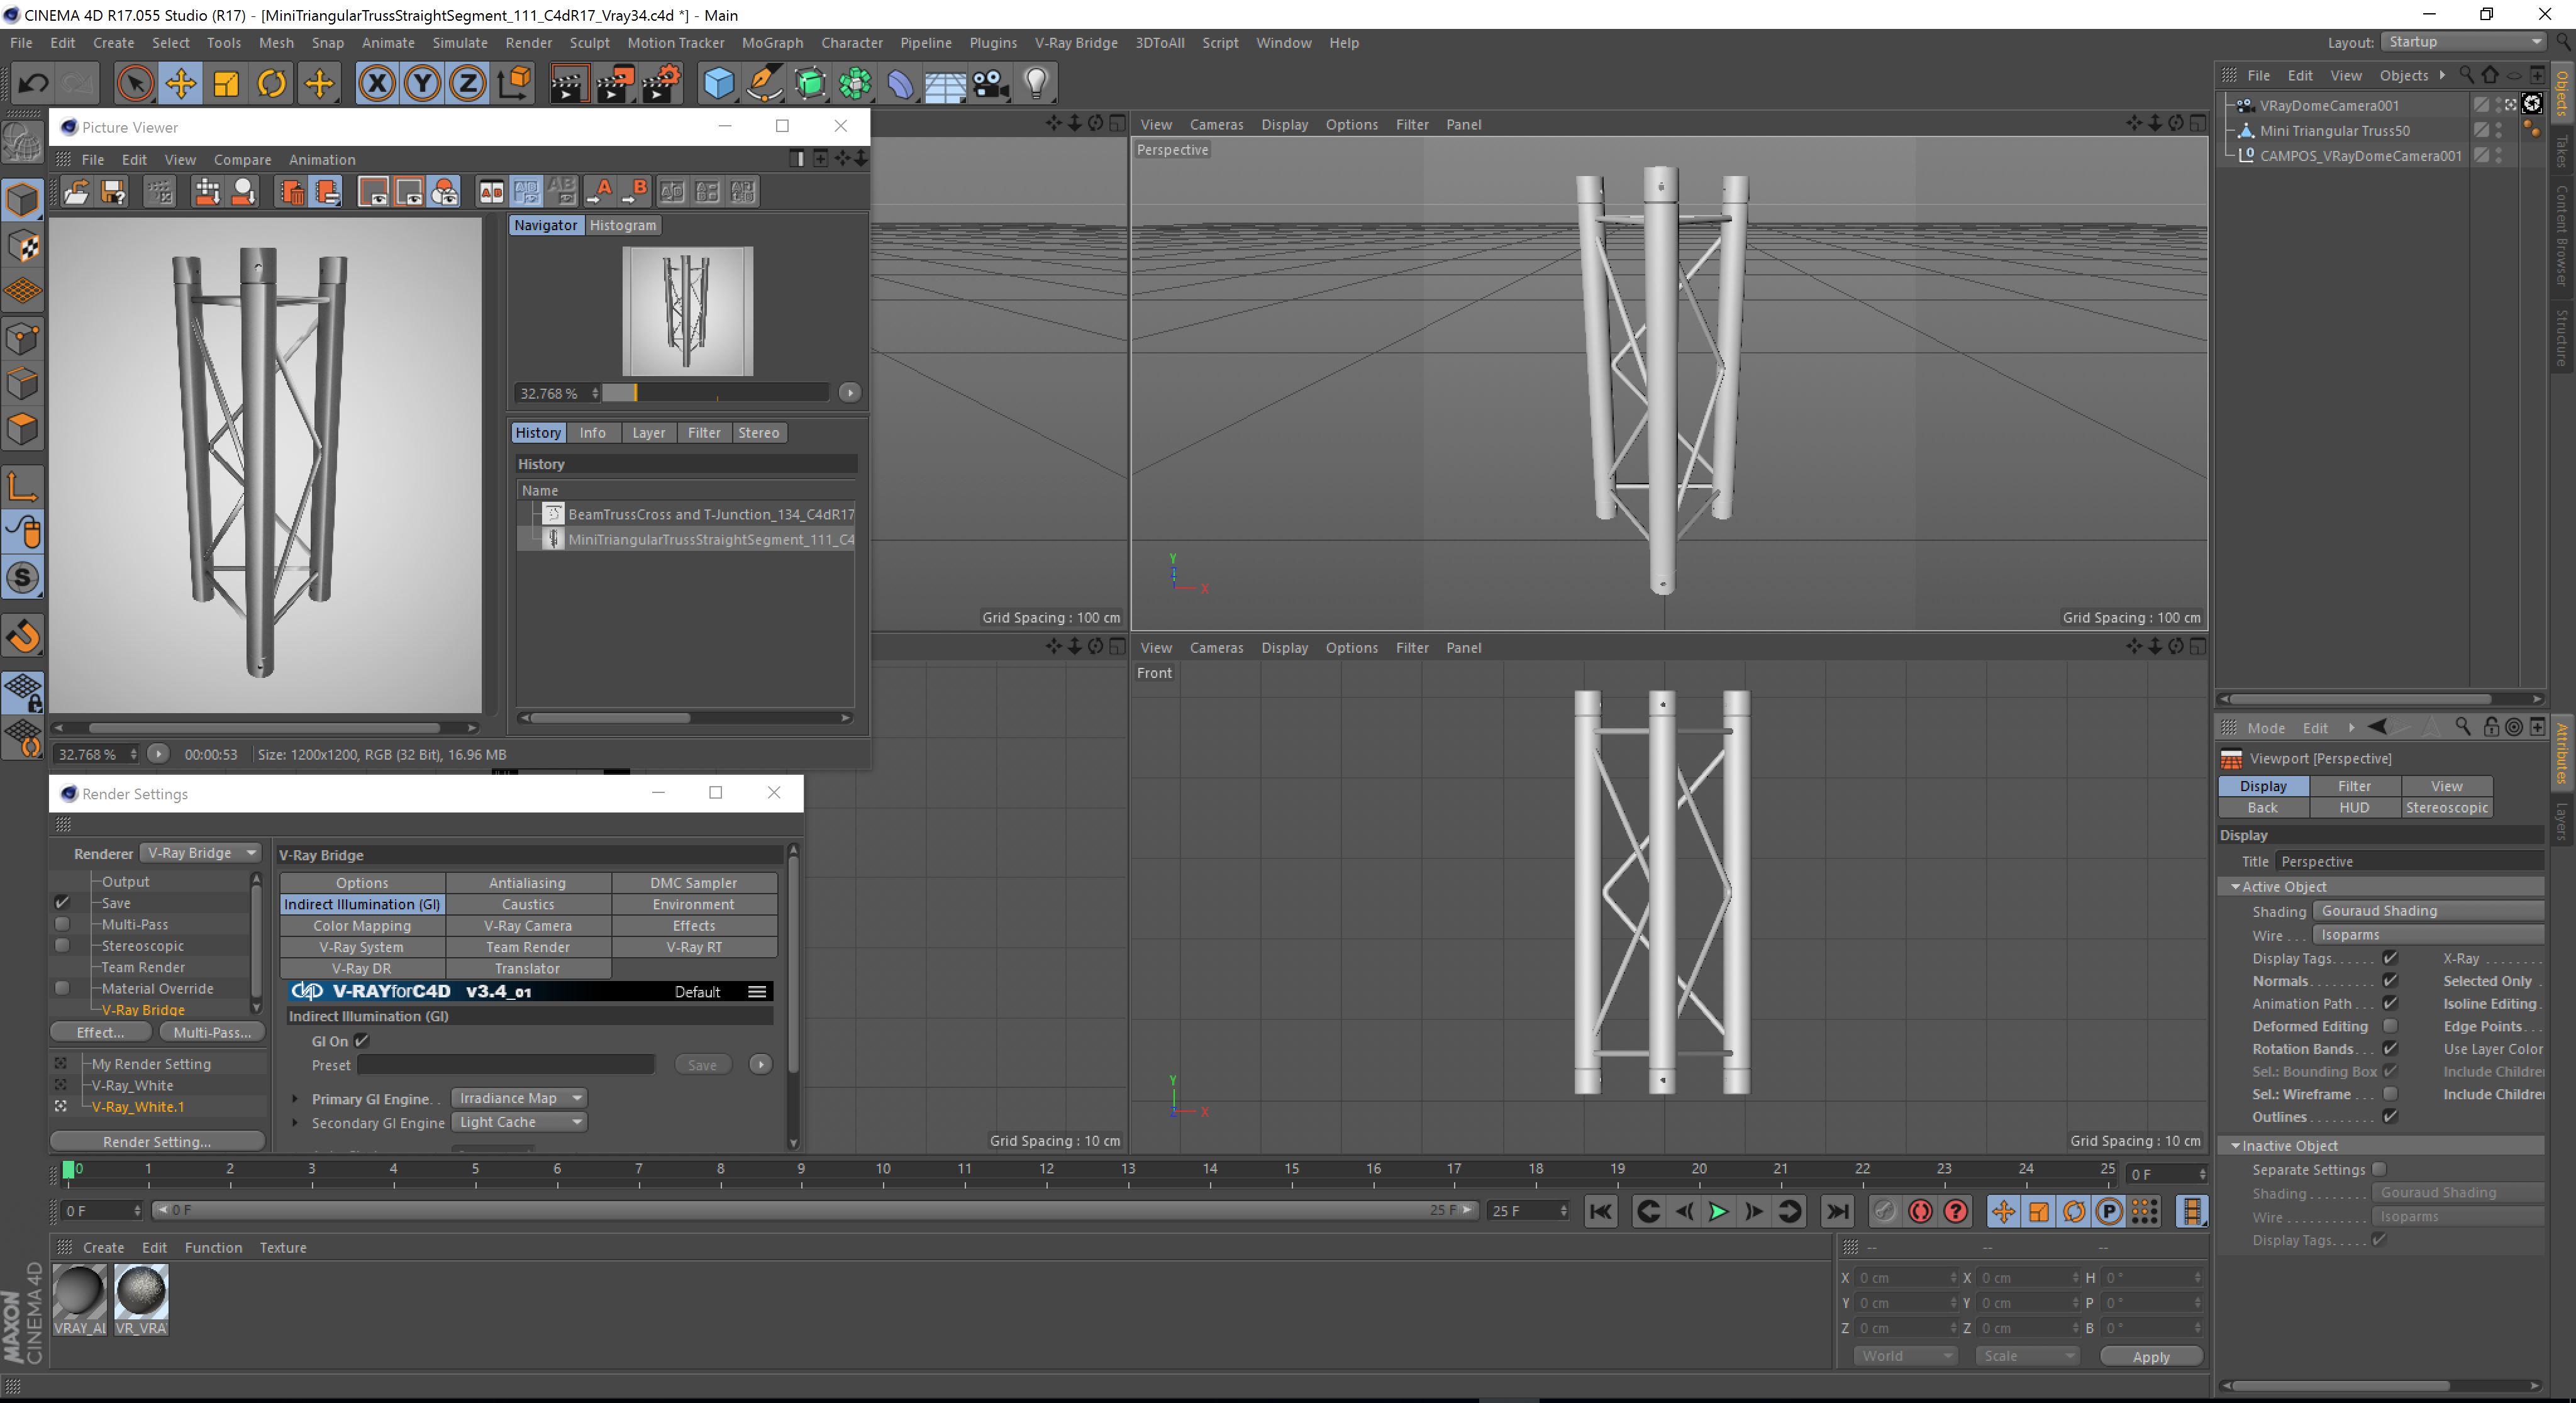 mini triangular truss straight segment 111 3d model 3ds max dxf fbx c4d  obj other 268882